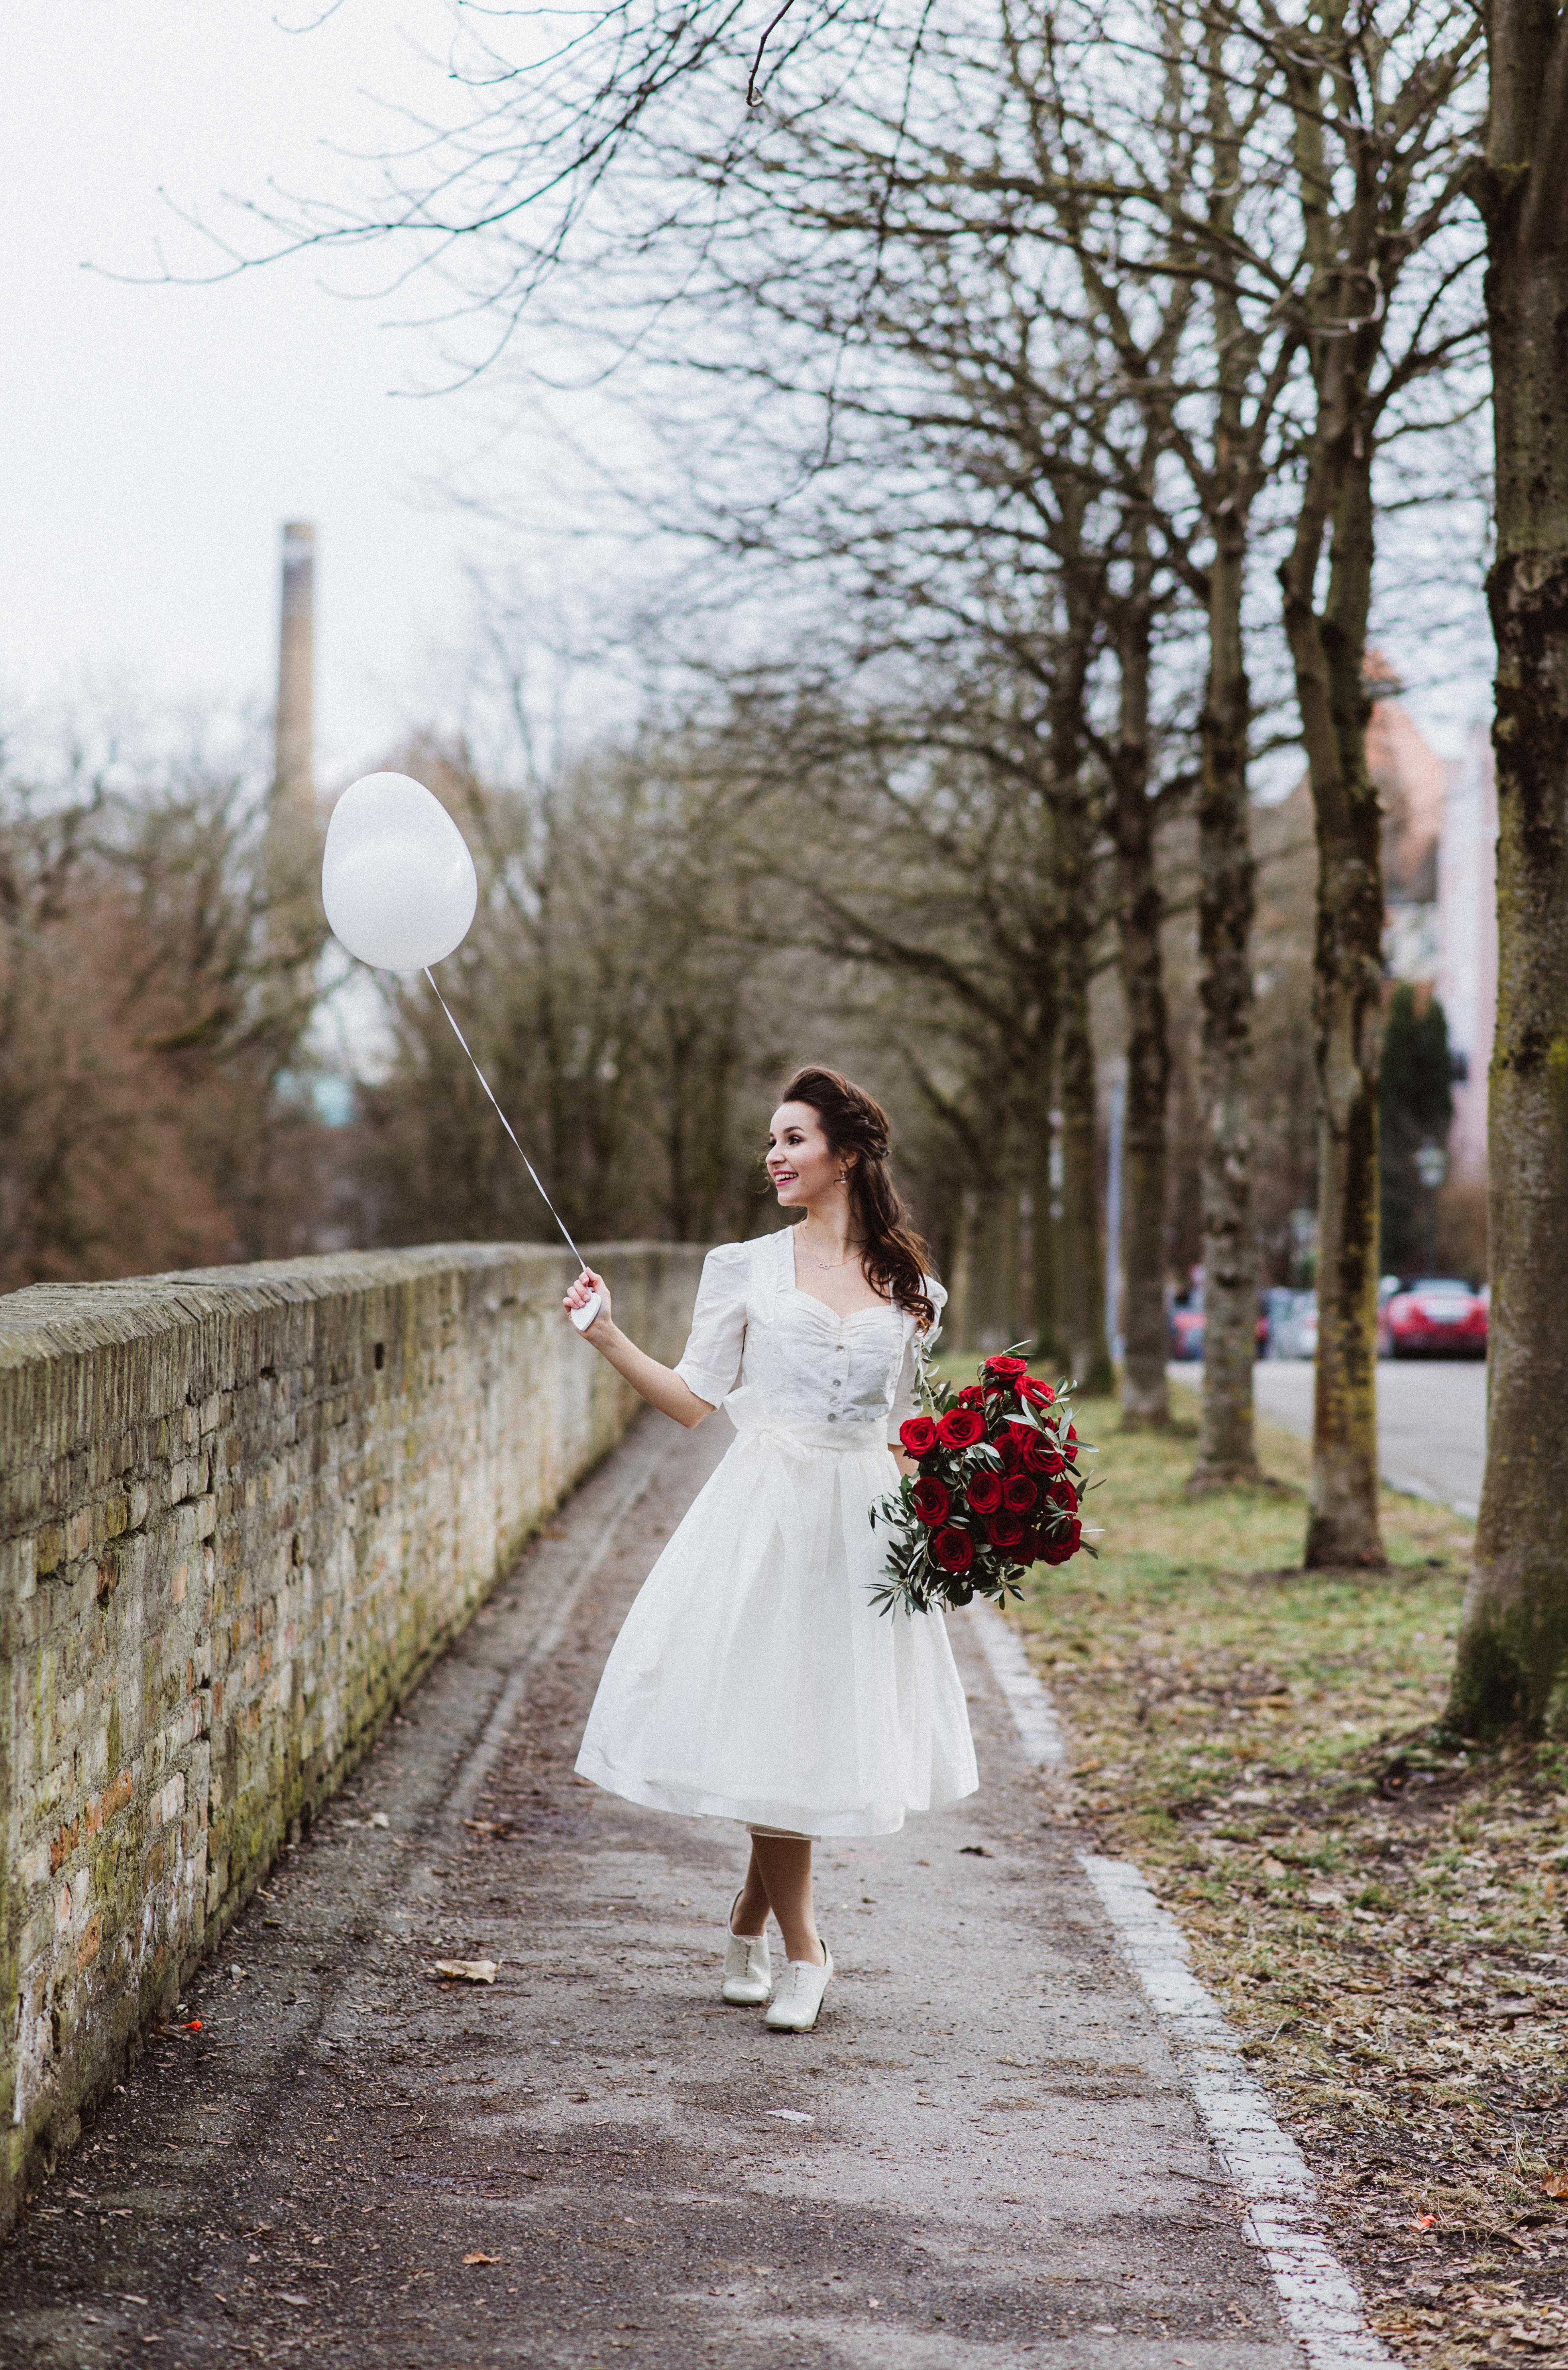 Hochzeitsdirndl weiß von Ninnerl Dirndl Brautstrauß rote Rosen